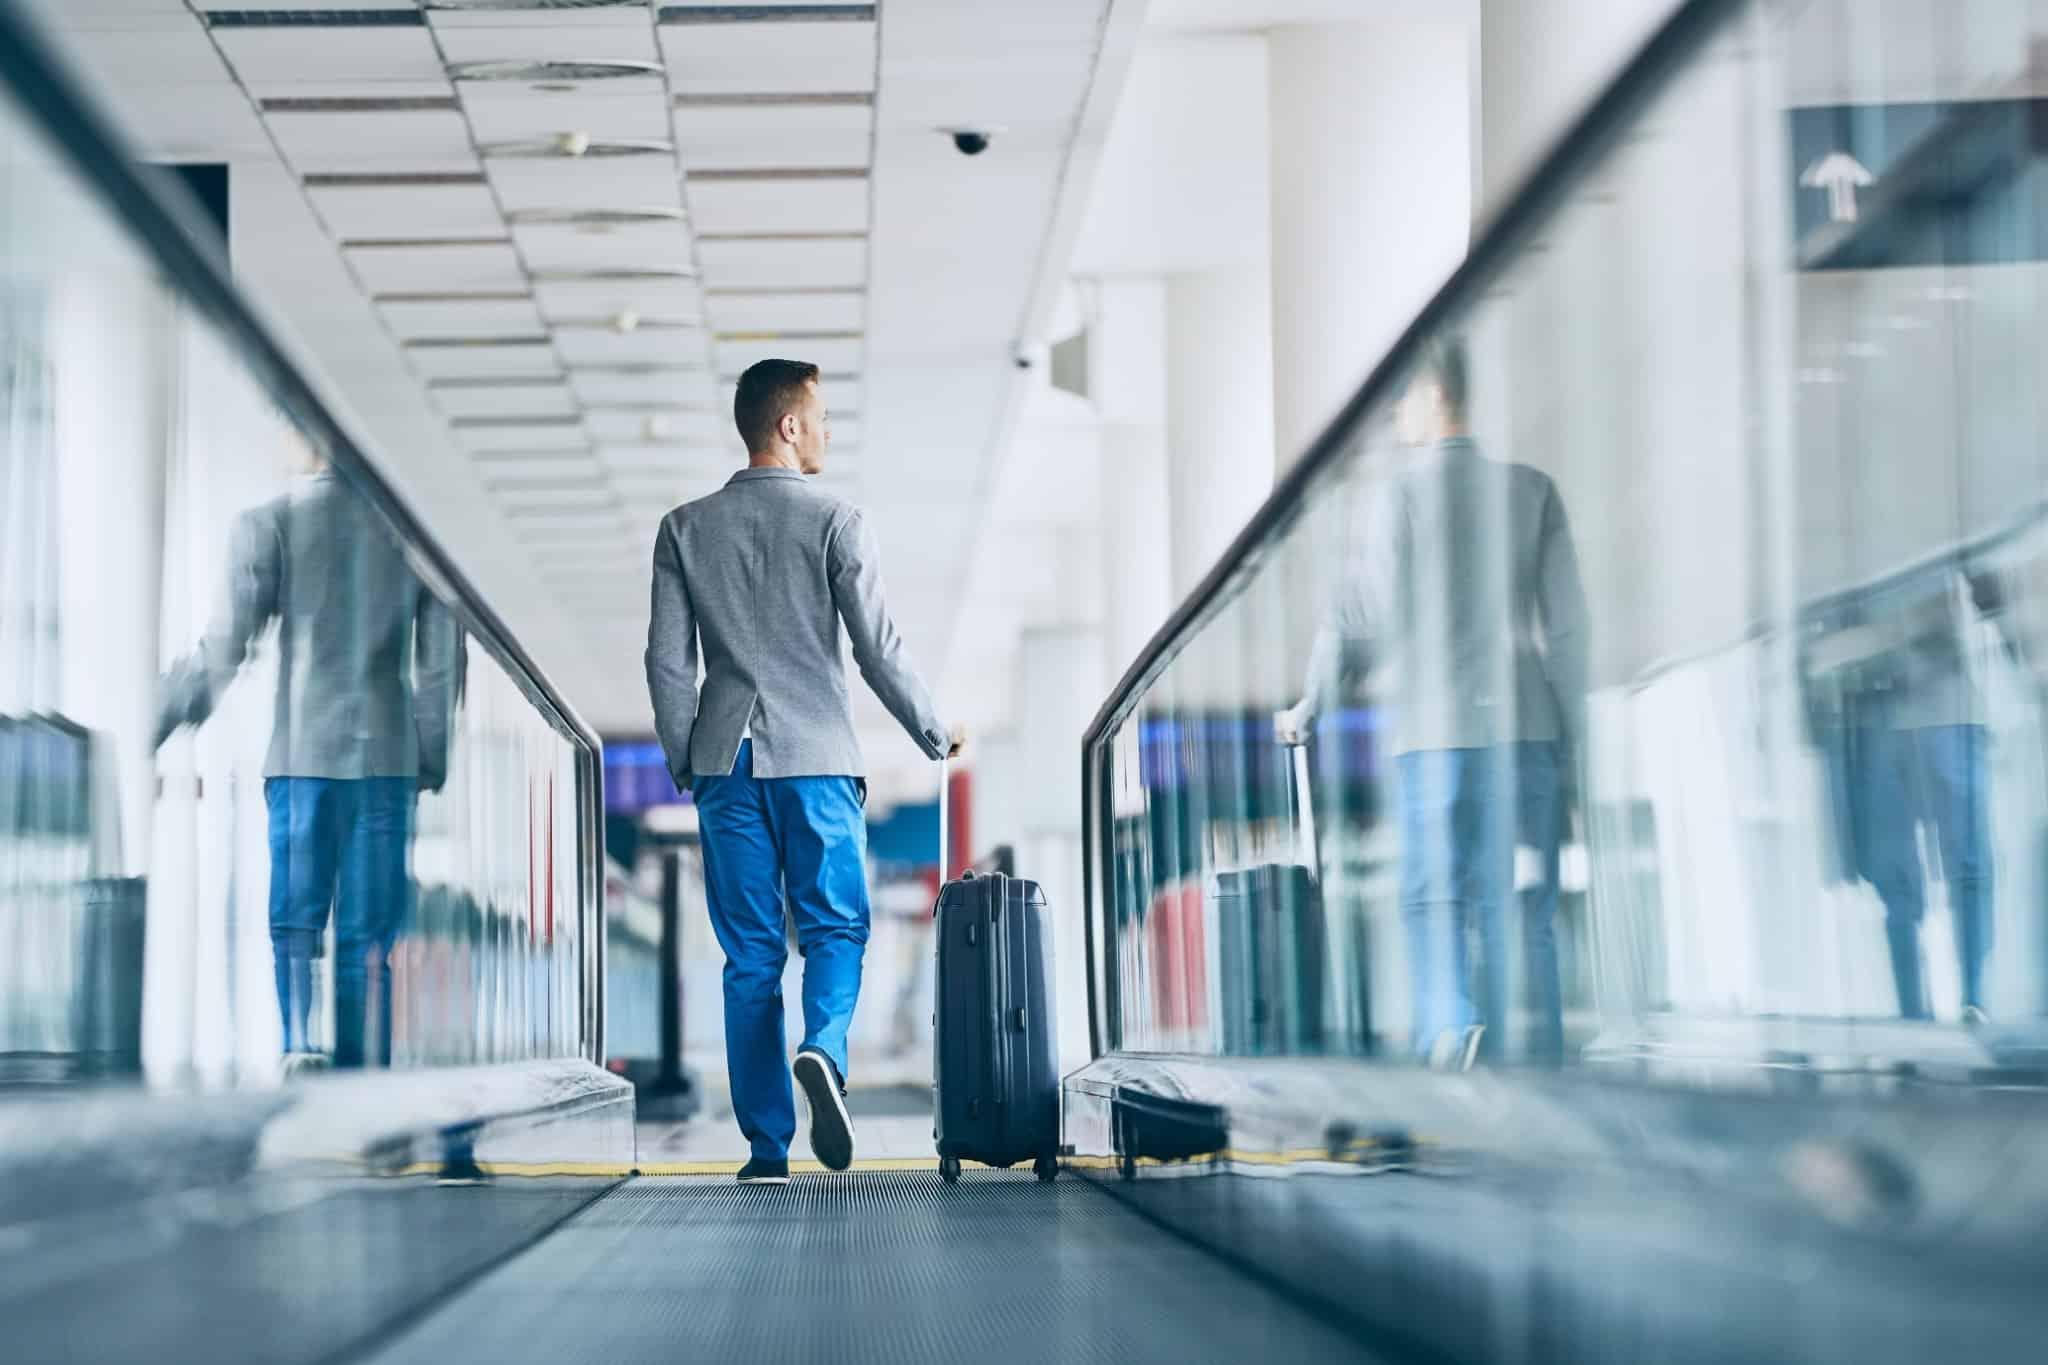 homem de blazer cinzento a andar nas escadas rolantes de um aeroporto